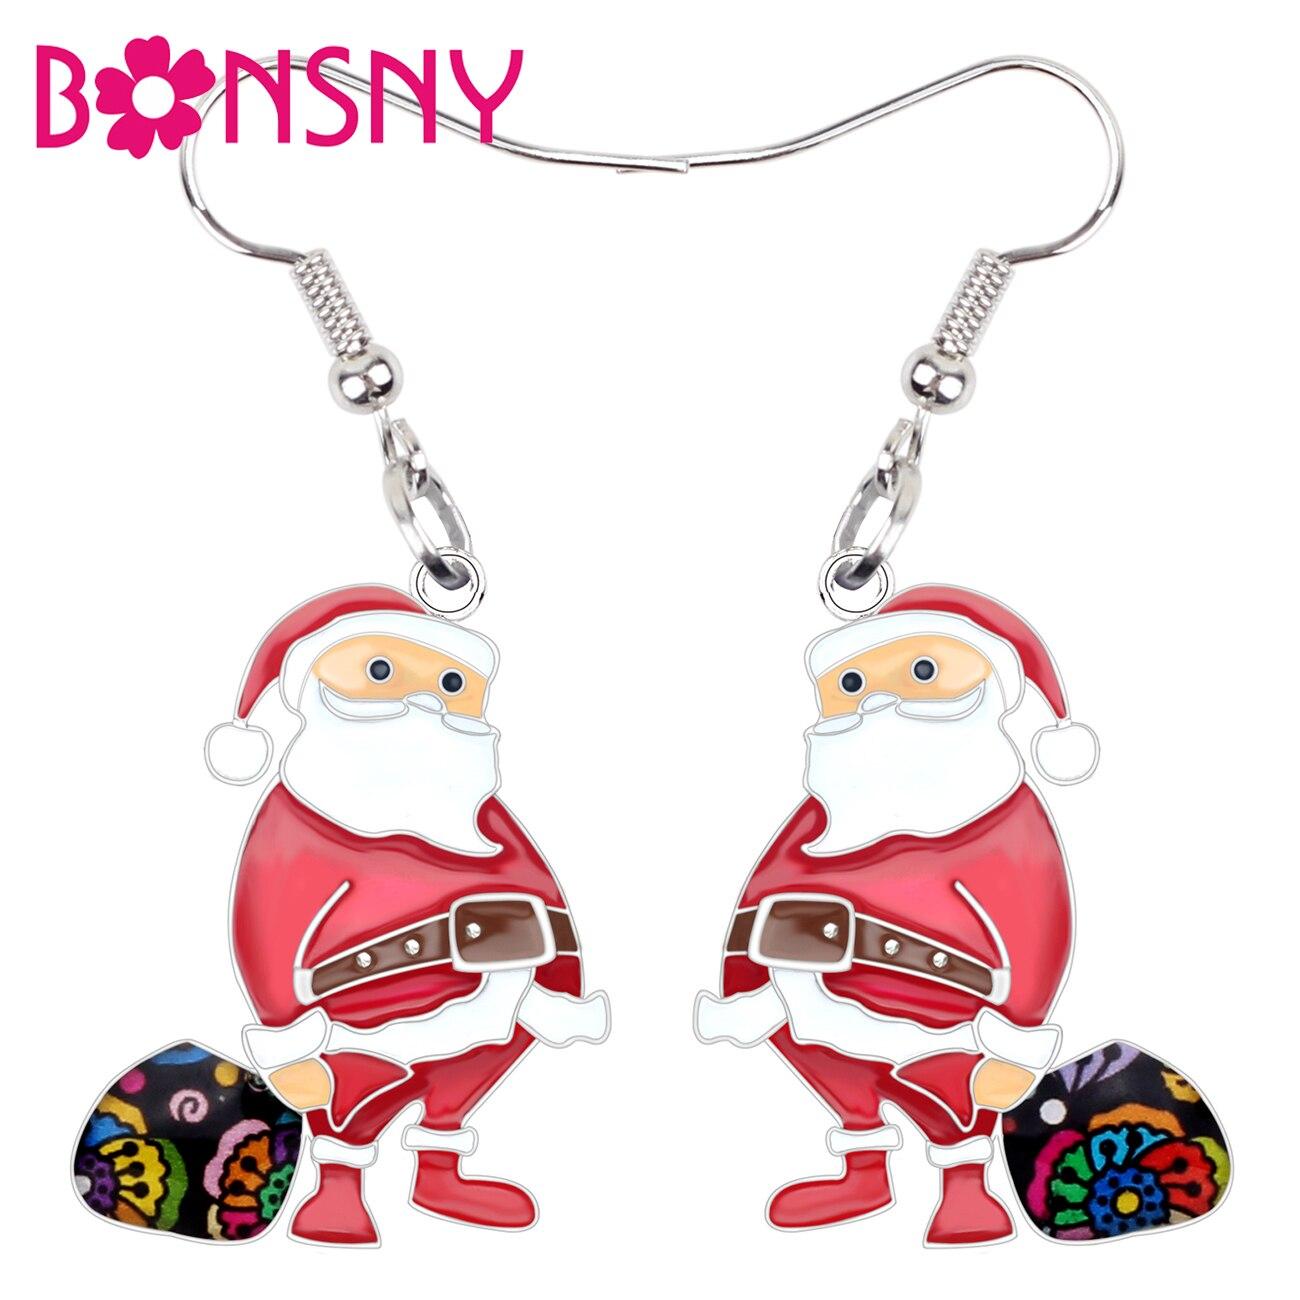 Bonsny Declaração Liga Esmalte Natal Papai Noel Saco de Brincos Gota Dangle Jóias Novidade Para As Mulheres Meninas de Partido Presentes Bijoux